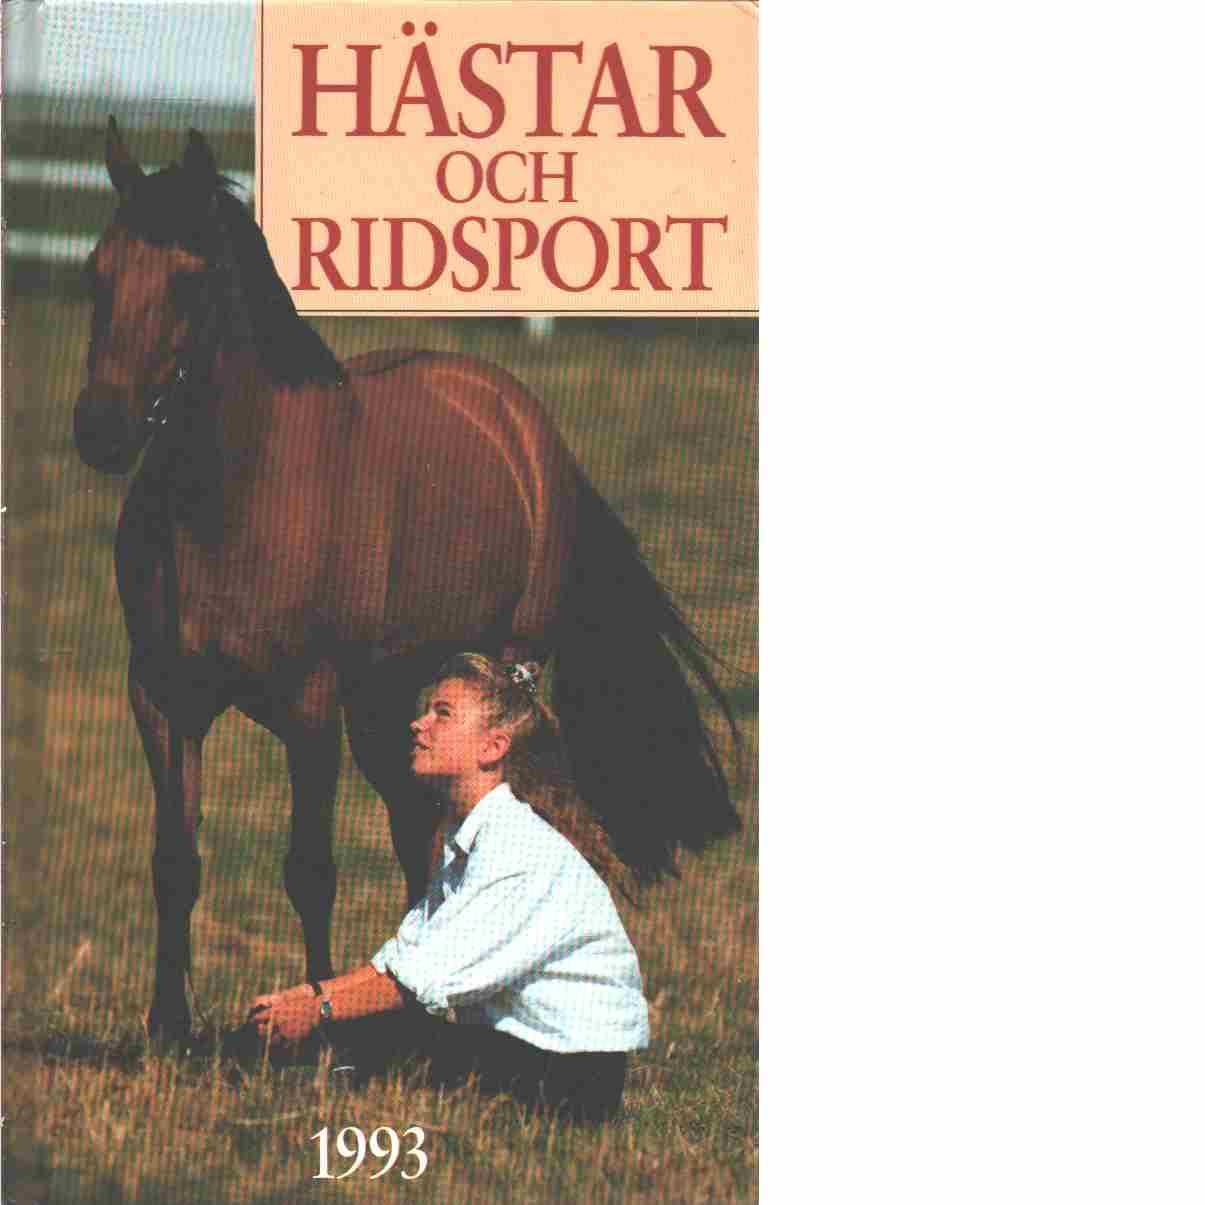 Hästar och ridsport : en årsbok från Natur och kultur. 1993 - Red. Olsson, Janne